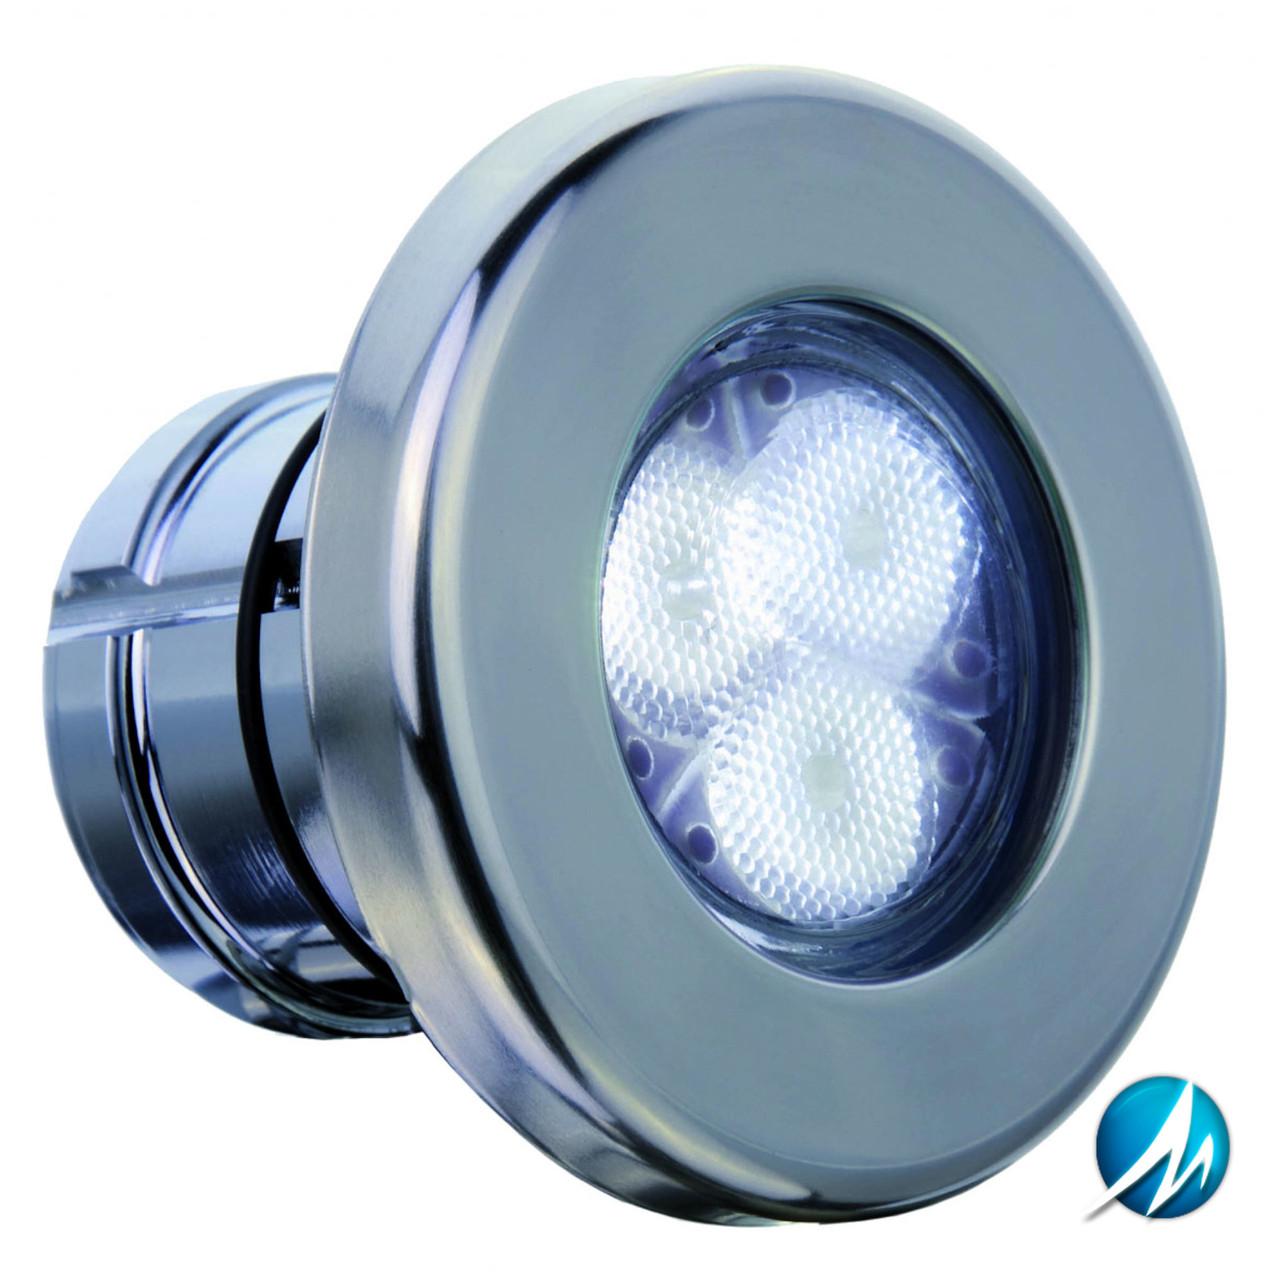 Прожектор LumiPlus MINI белый 2.11, нерж.сталь